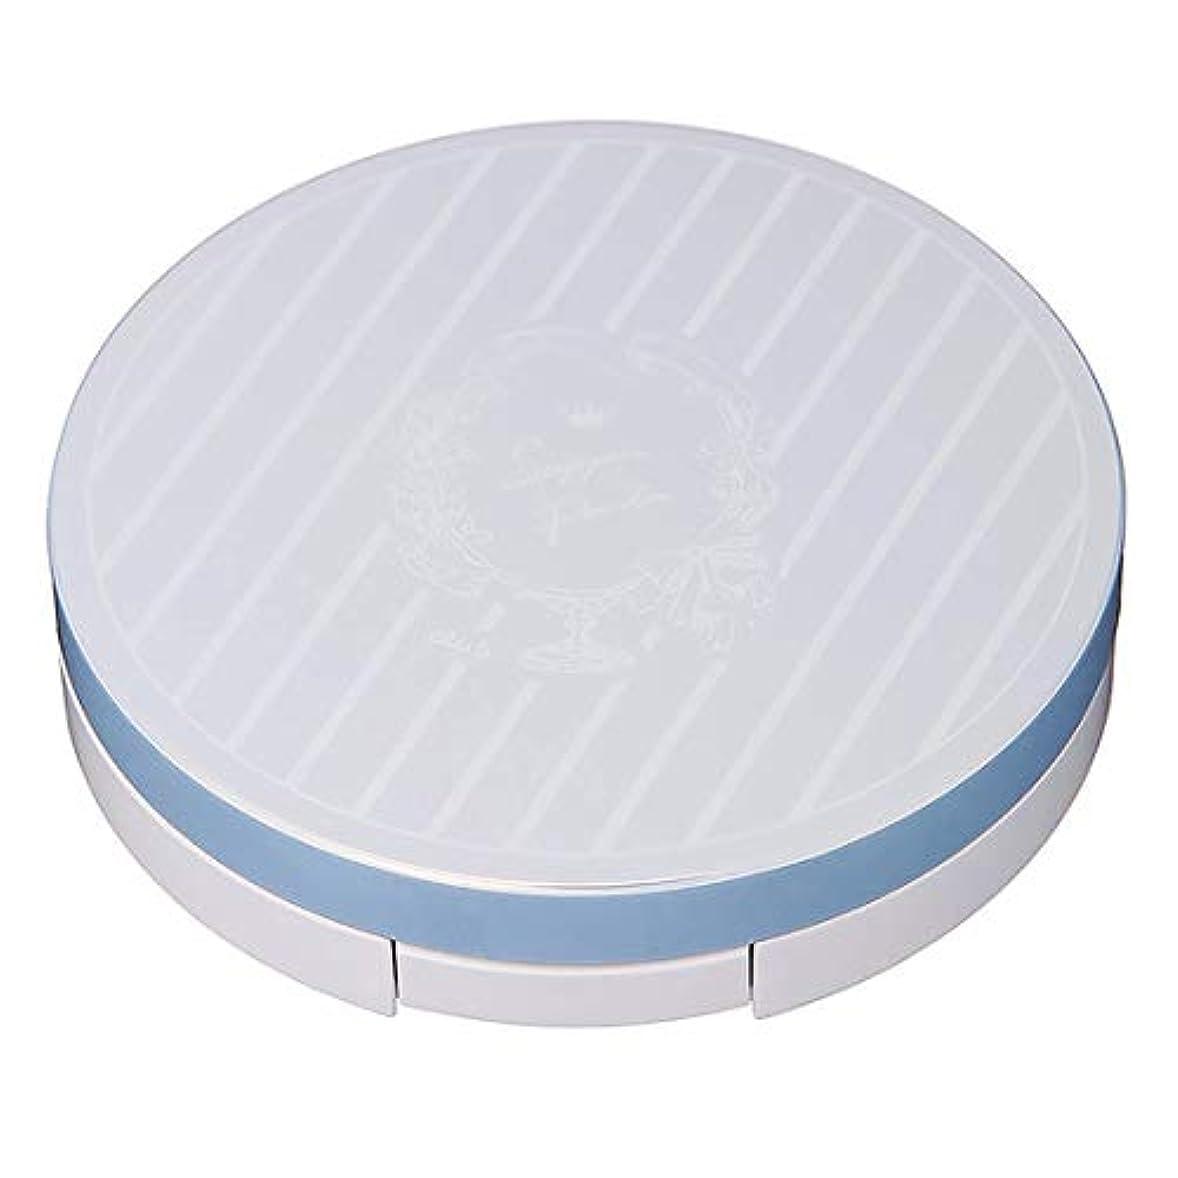 不完全スペース物理的なすっぴんパウダー コンパクトタイプ (ホワイトフローラルブーケの香り)